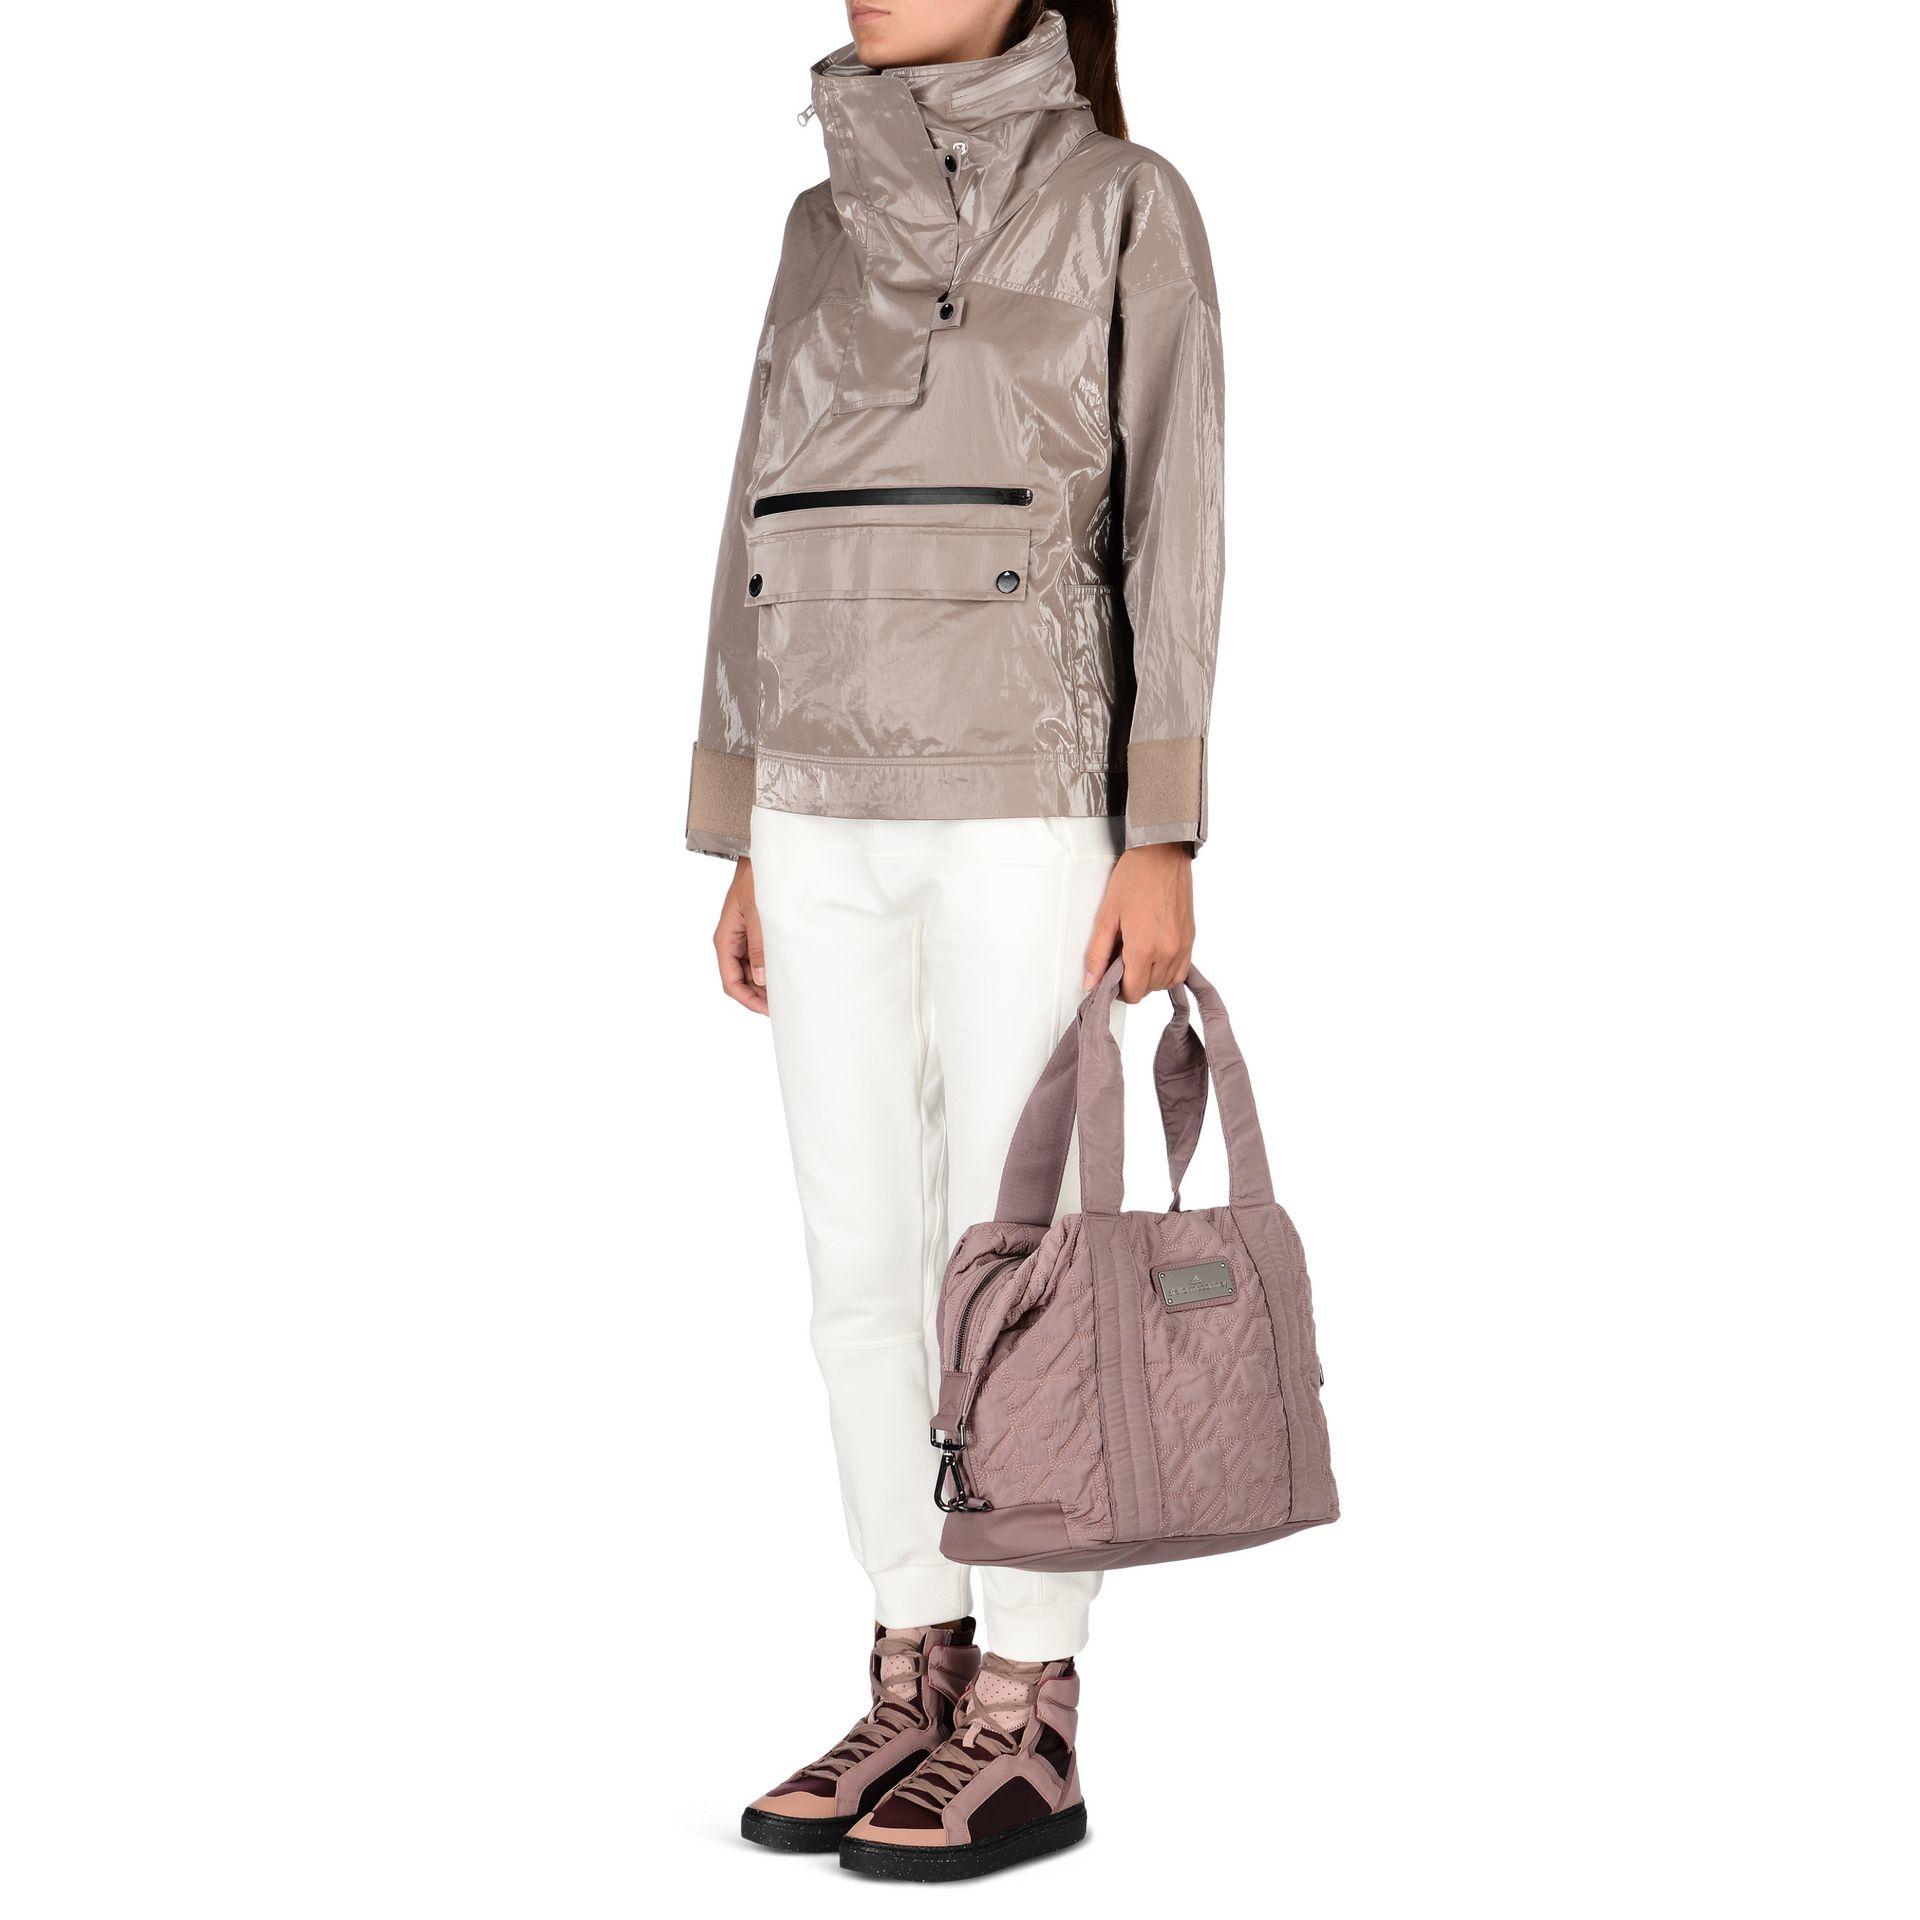 Lyst - adidas By Stella McCartney Small Gym Bag in Gray bf5ee7b89ee79